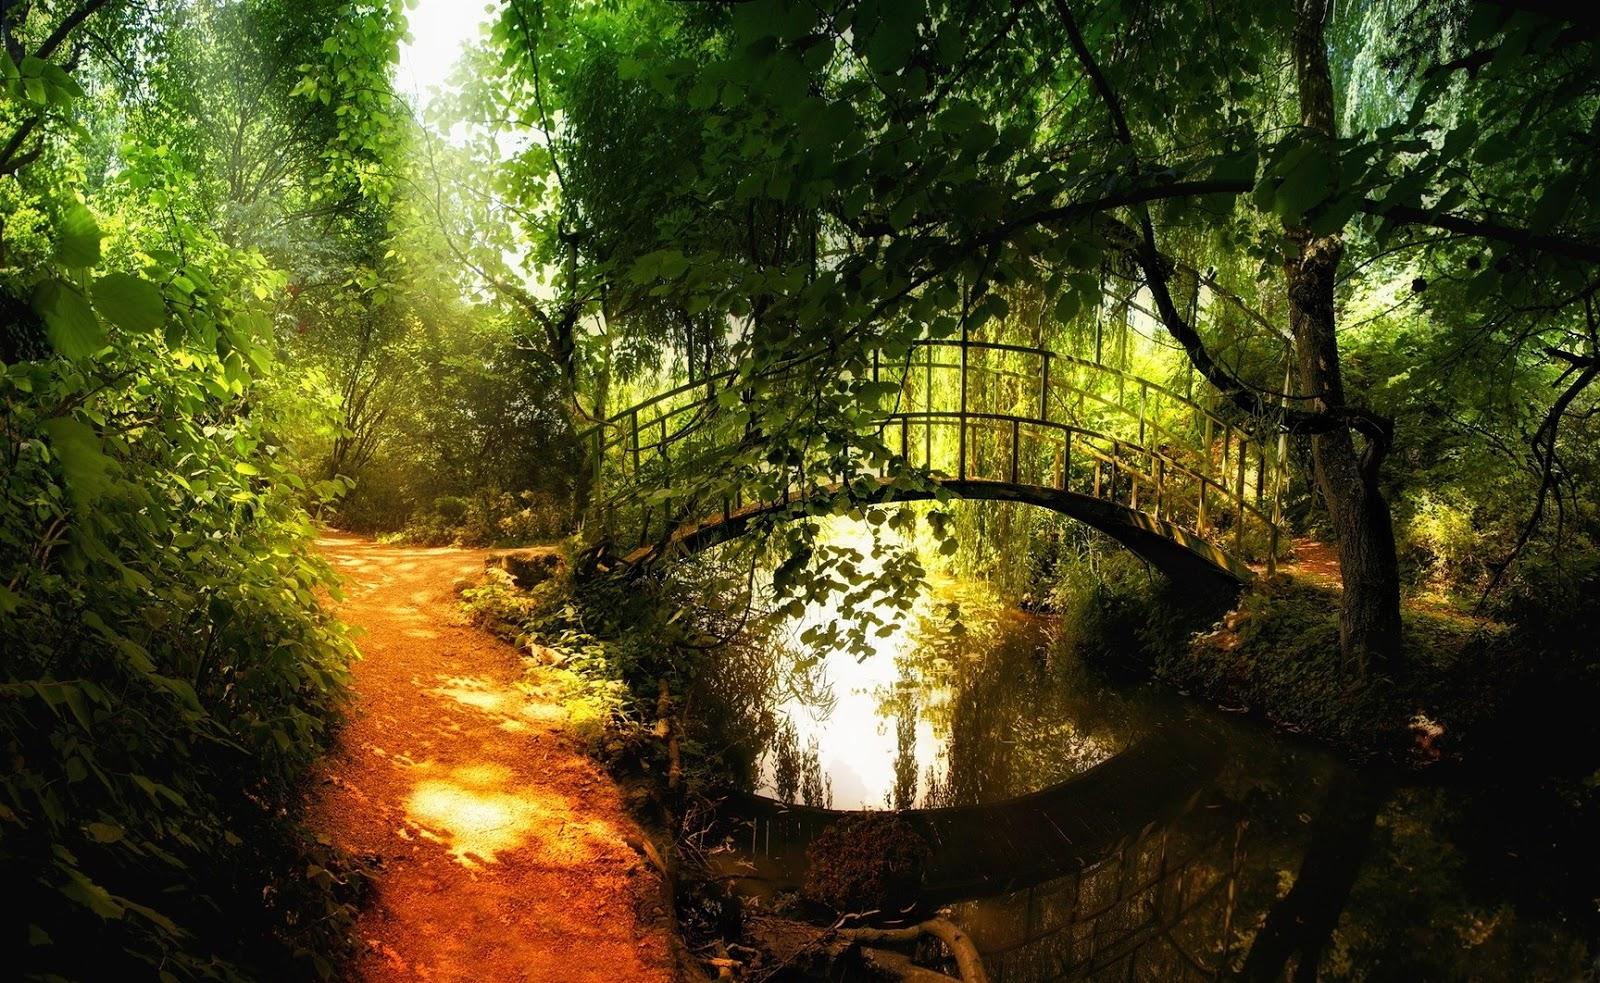 Afbeeldingsresultaat voor brug in bos